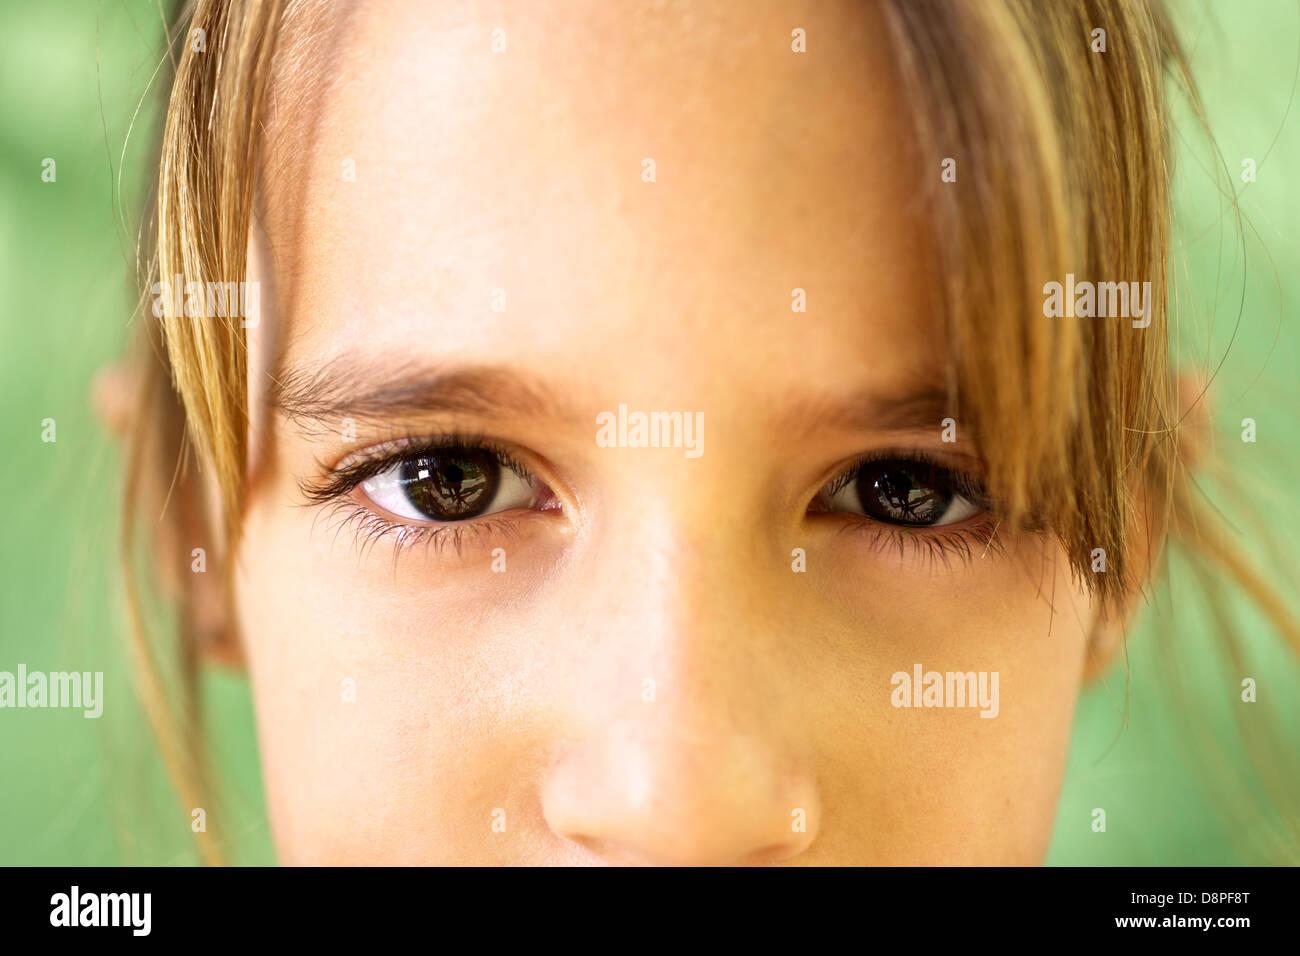 Les jeunes et les émotions, portrait of serious girl looking at camera. Libre d'yeux Photo Stock